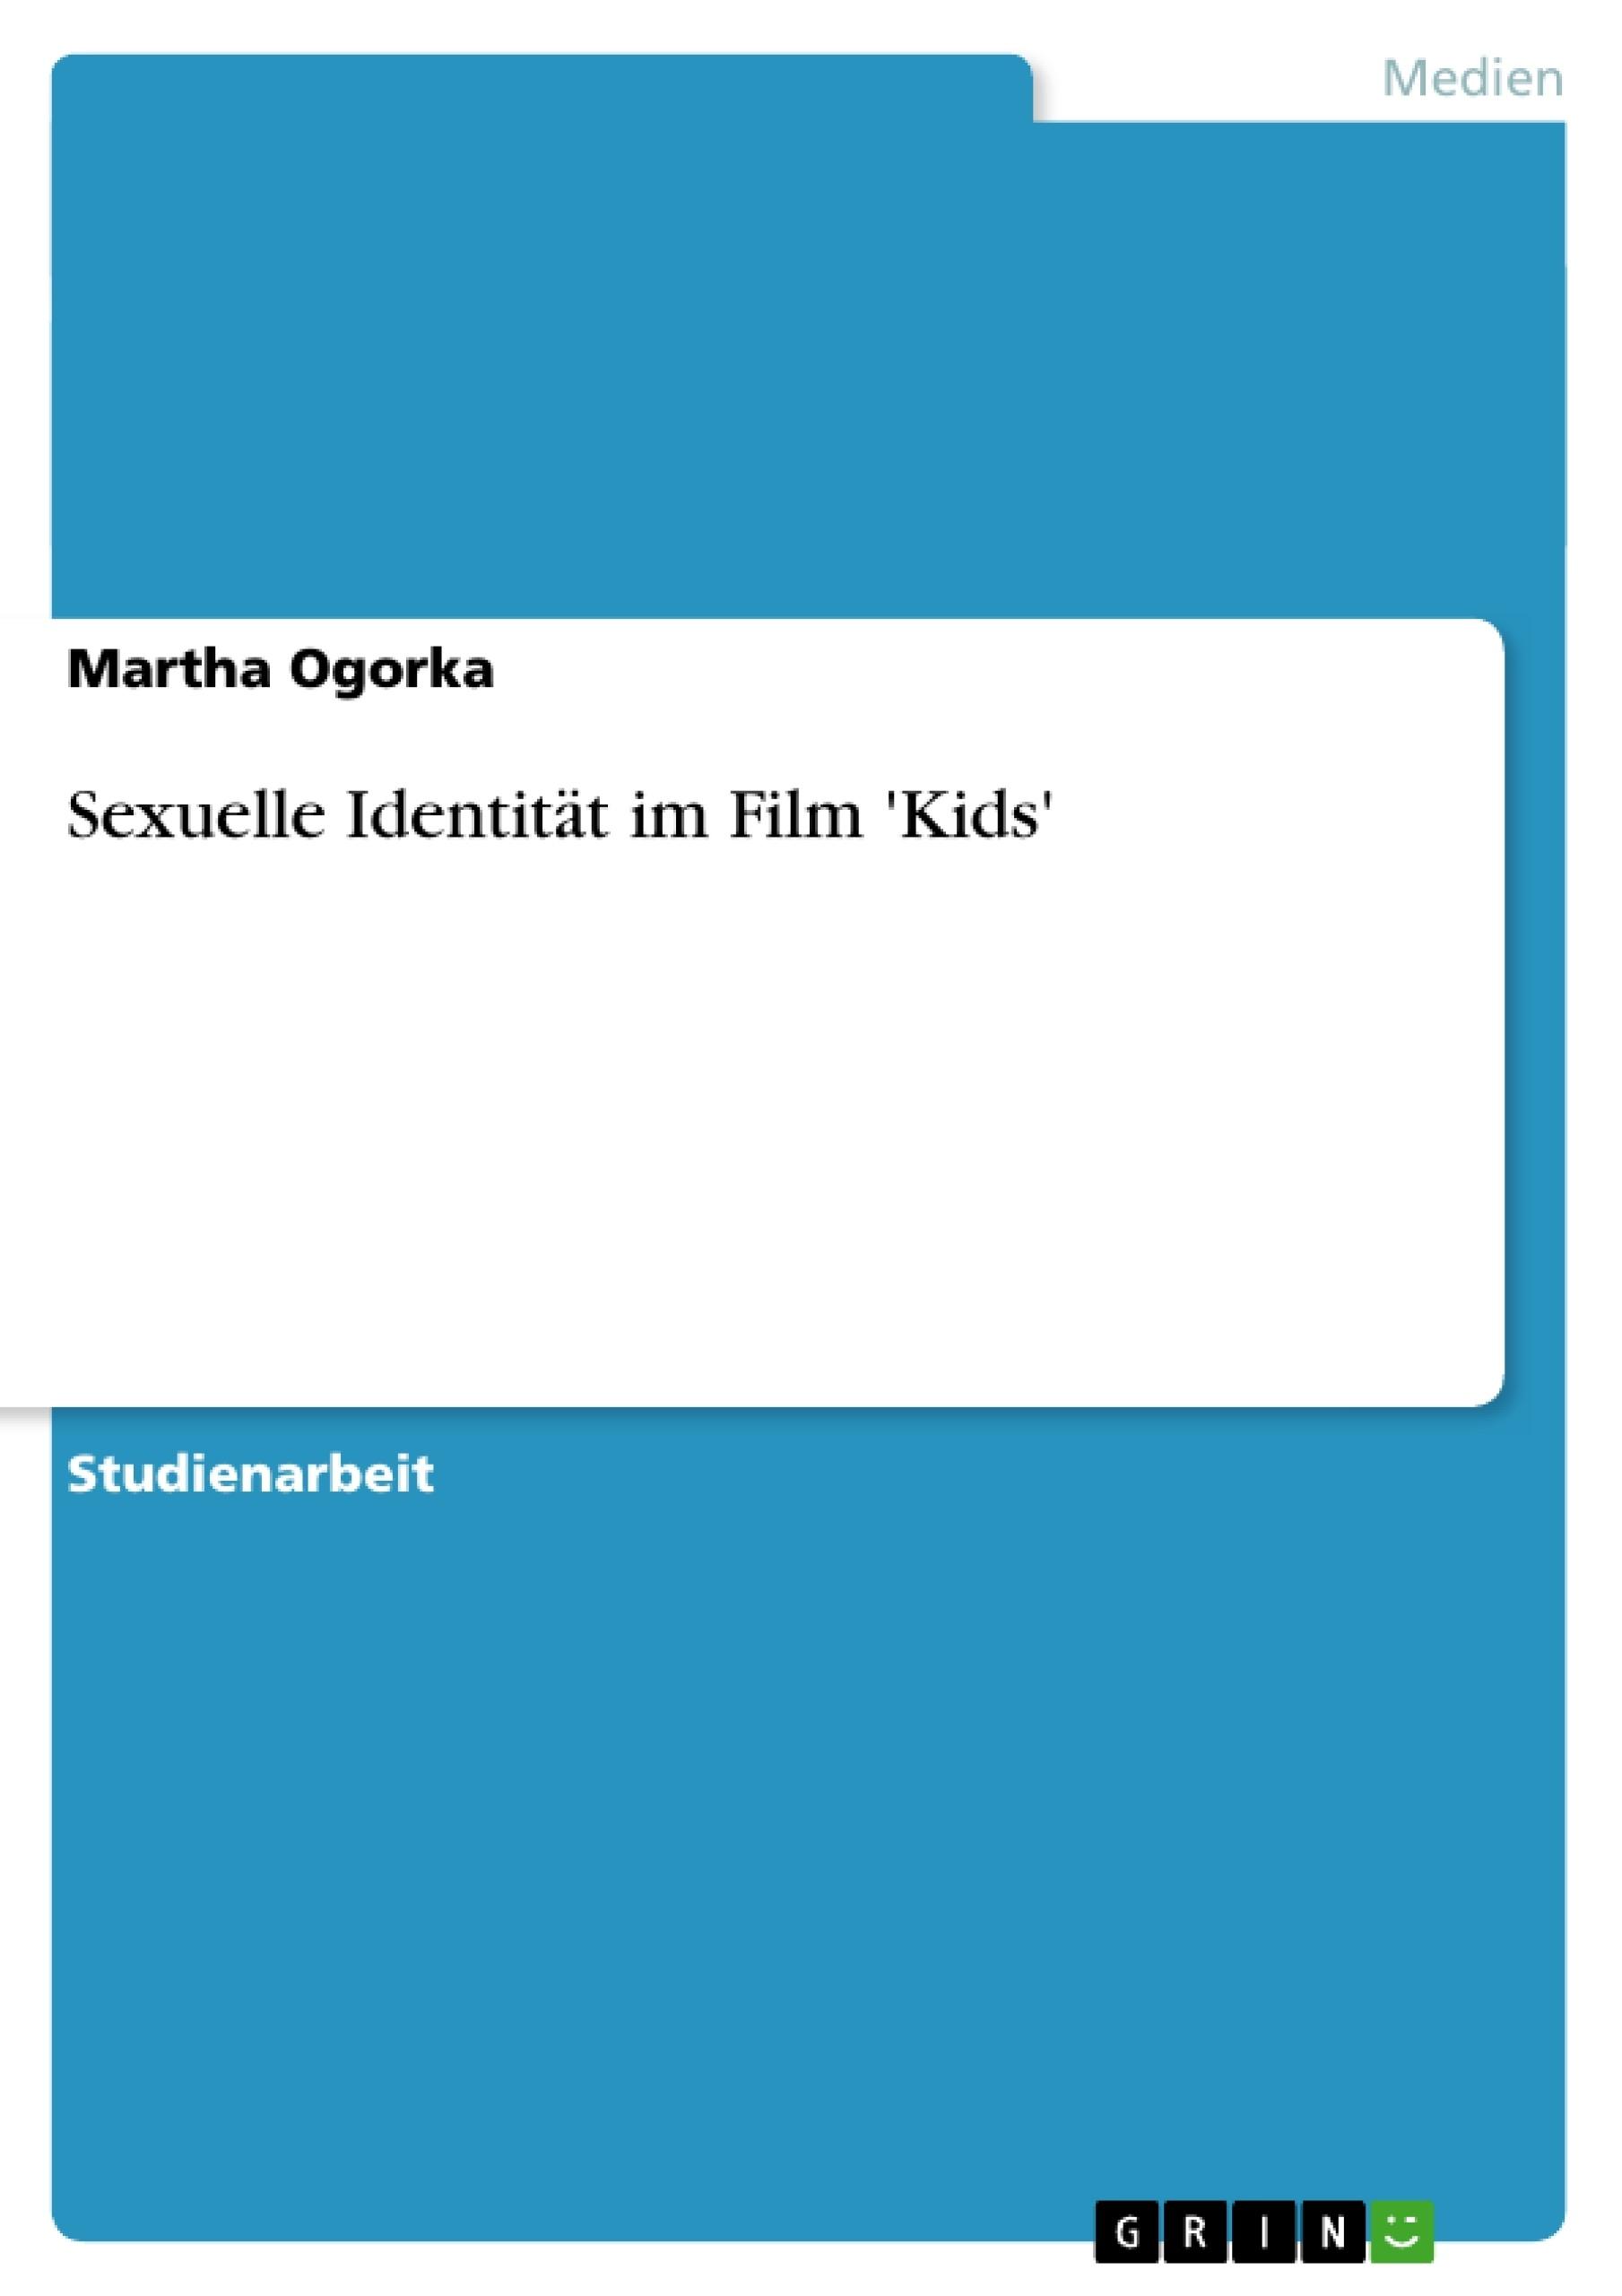 Titel: Sexuelle Identität im Film 'Kids'